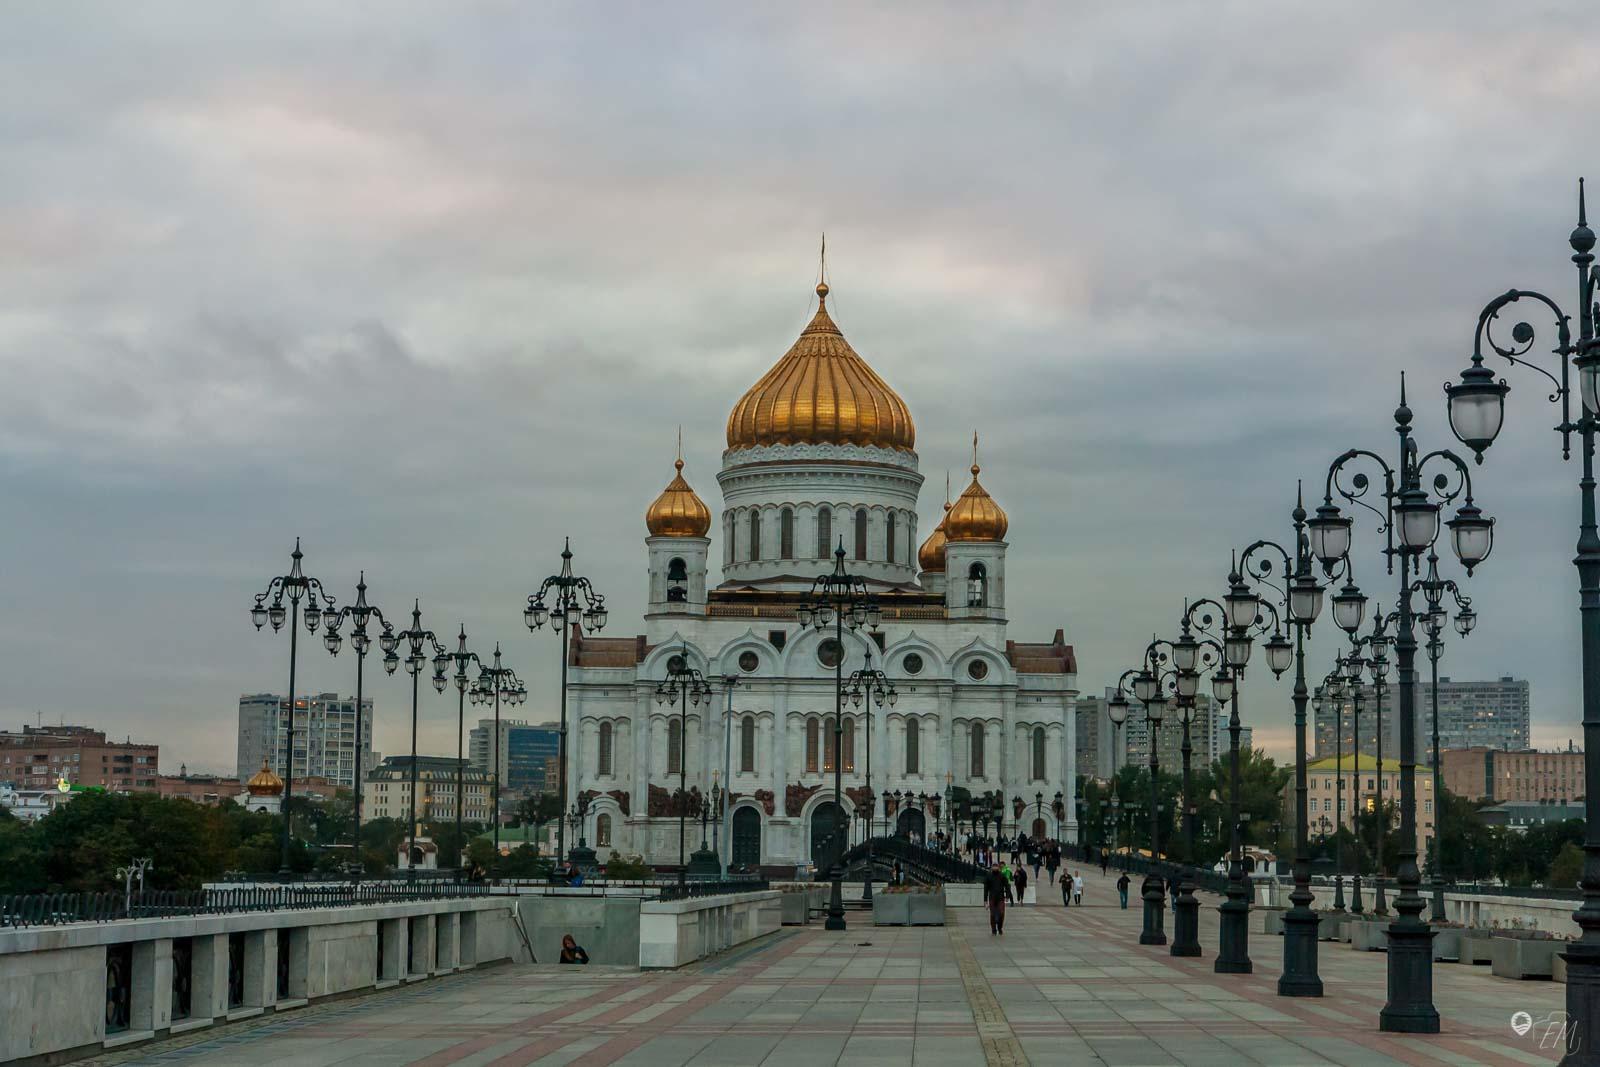 Über die Patriarchenbrücke kannst du diesen wunderbaren Blick auf die Erlöserkirche erhaschen